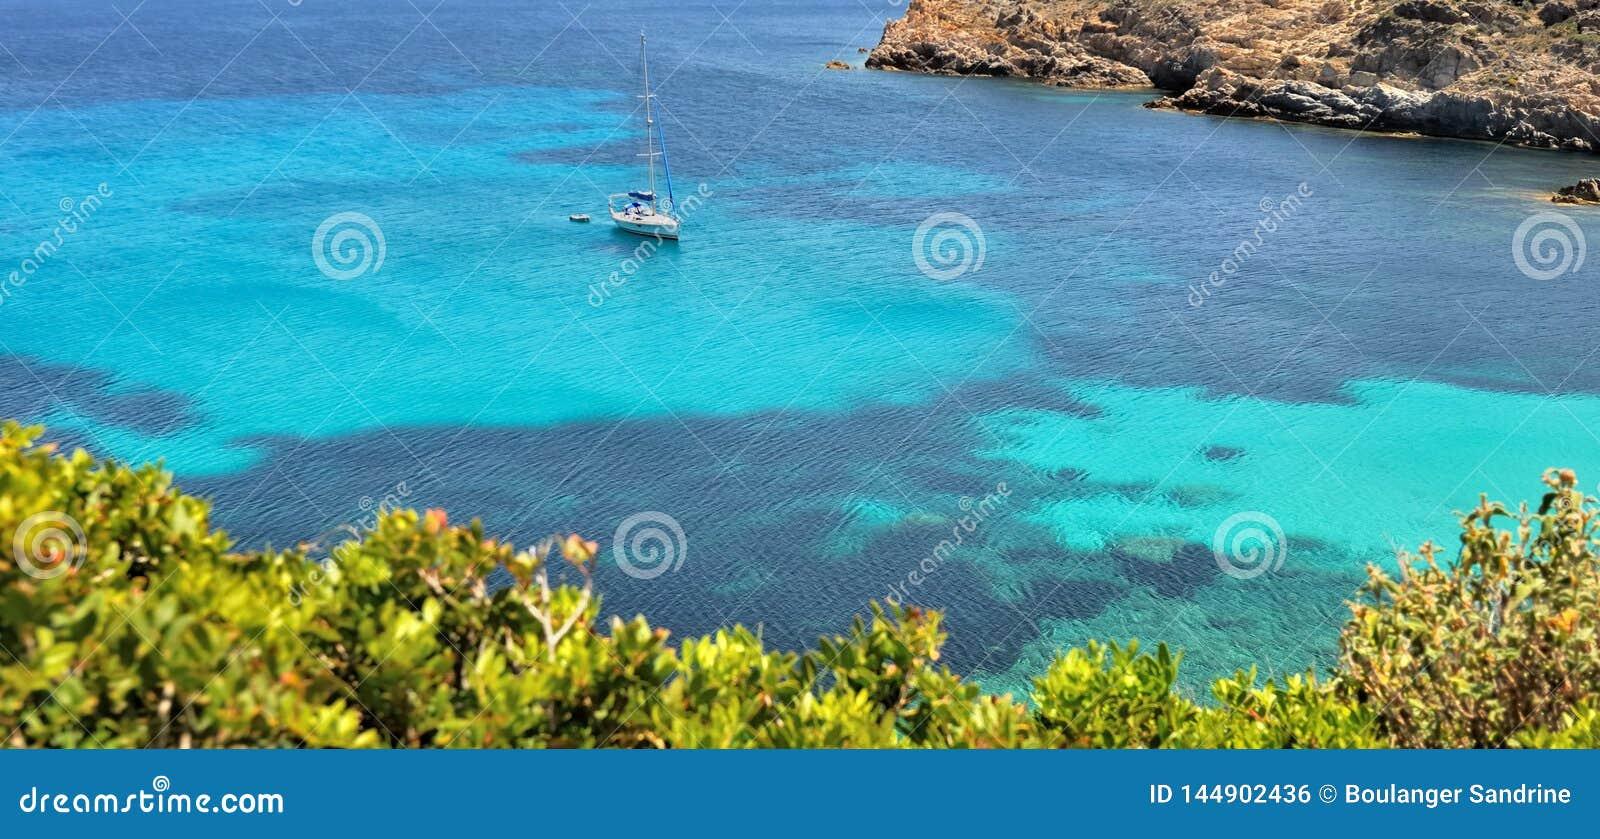 Άποψη σχετικά με μια βάρκα που σταματούν στη σαφή και τυρκουάζ θάλασσα